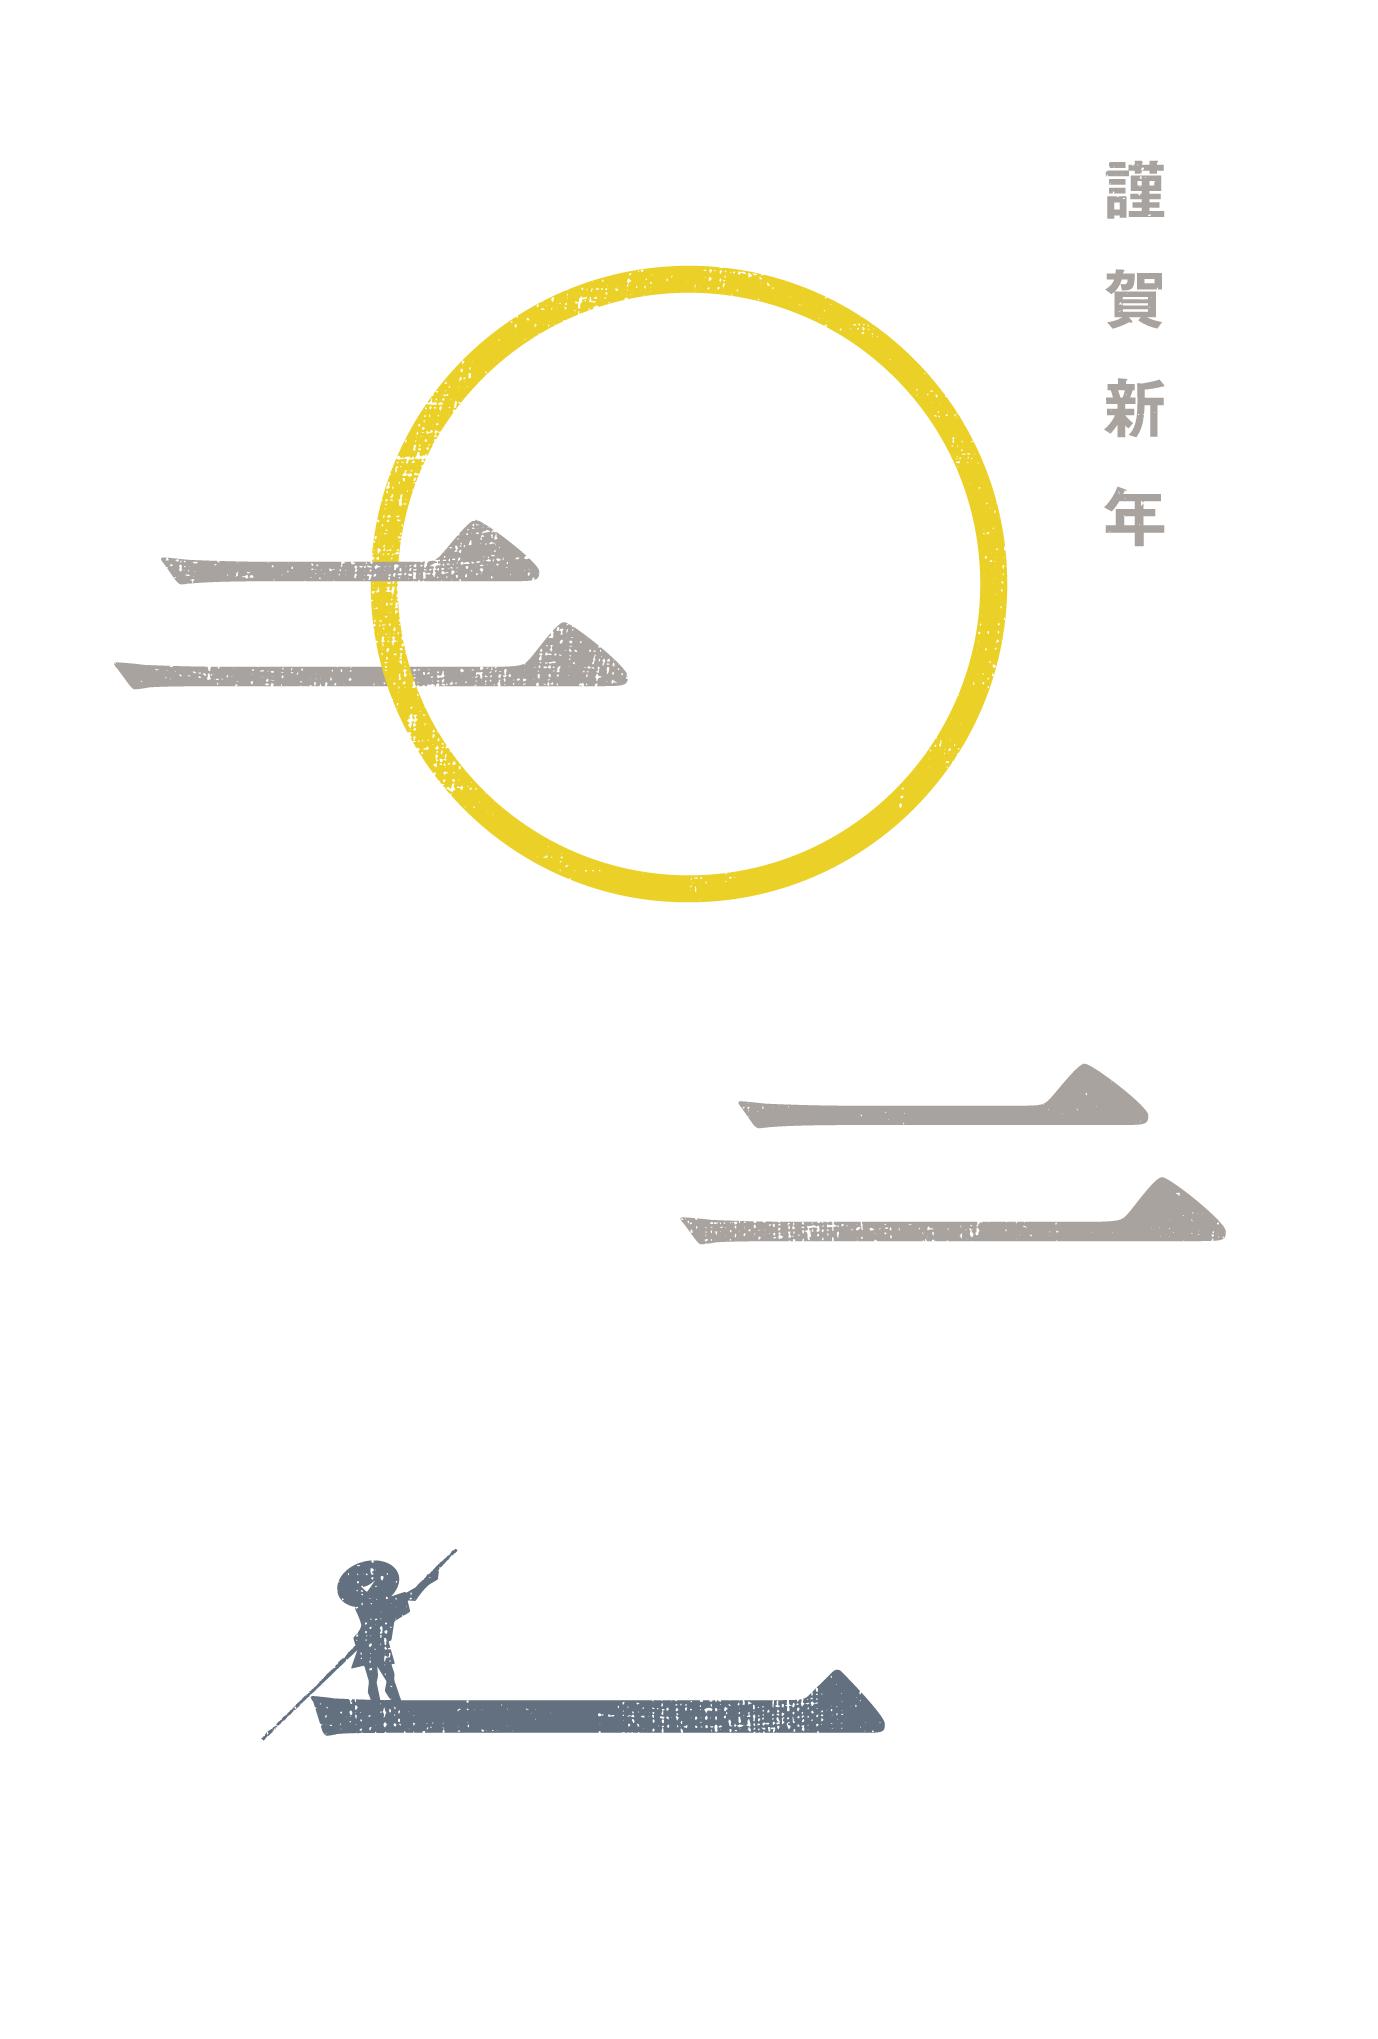 2021年賀状19-2:明朝の船頭 / Aのダウンロード画像